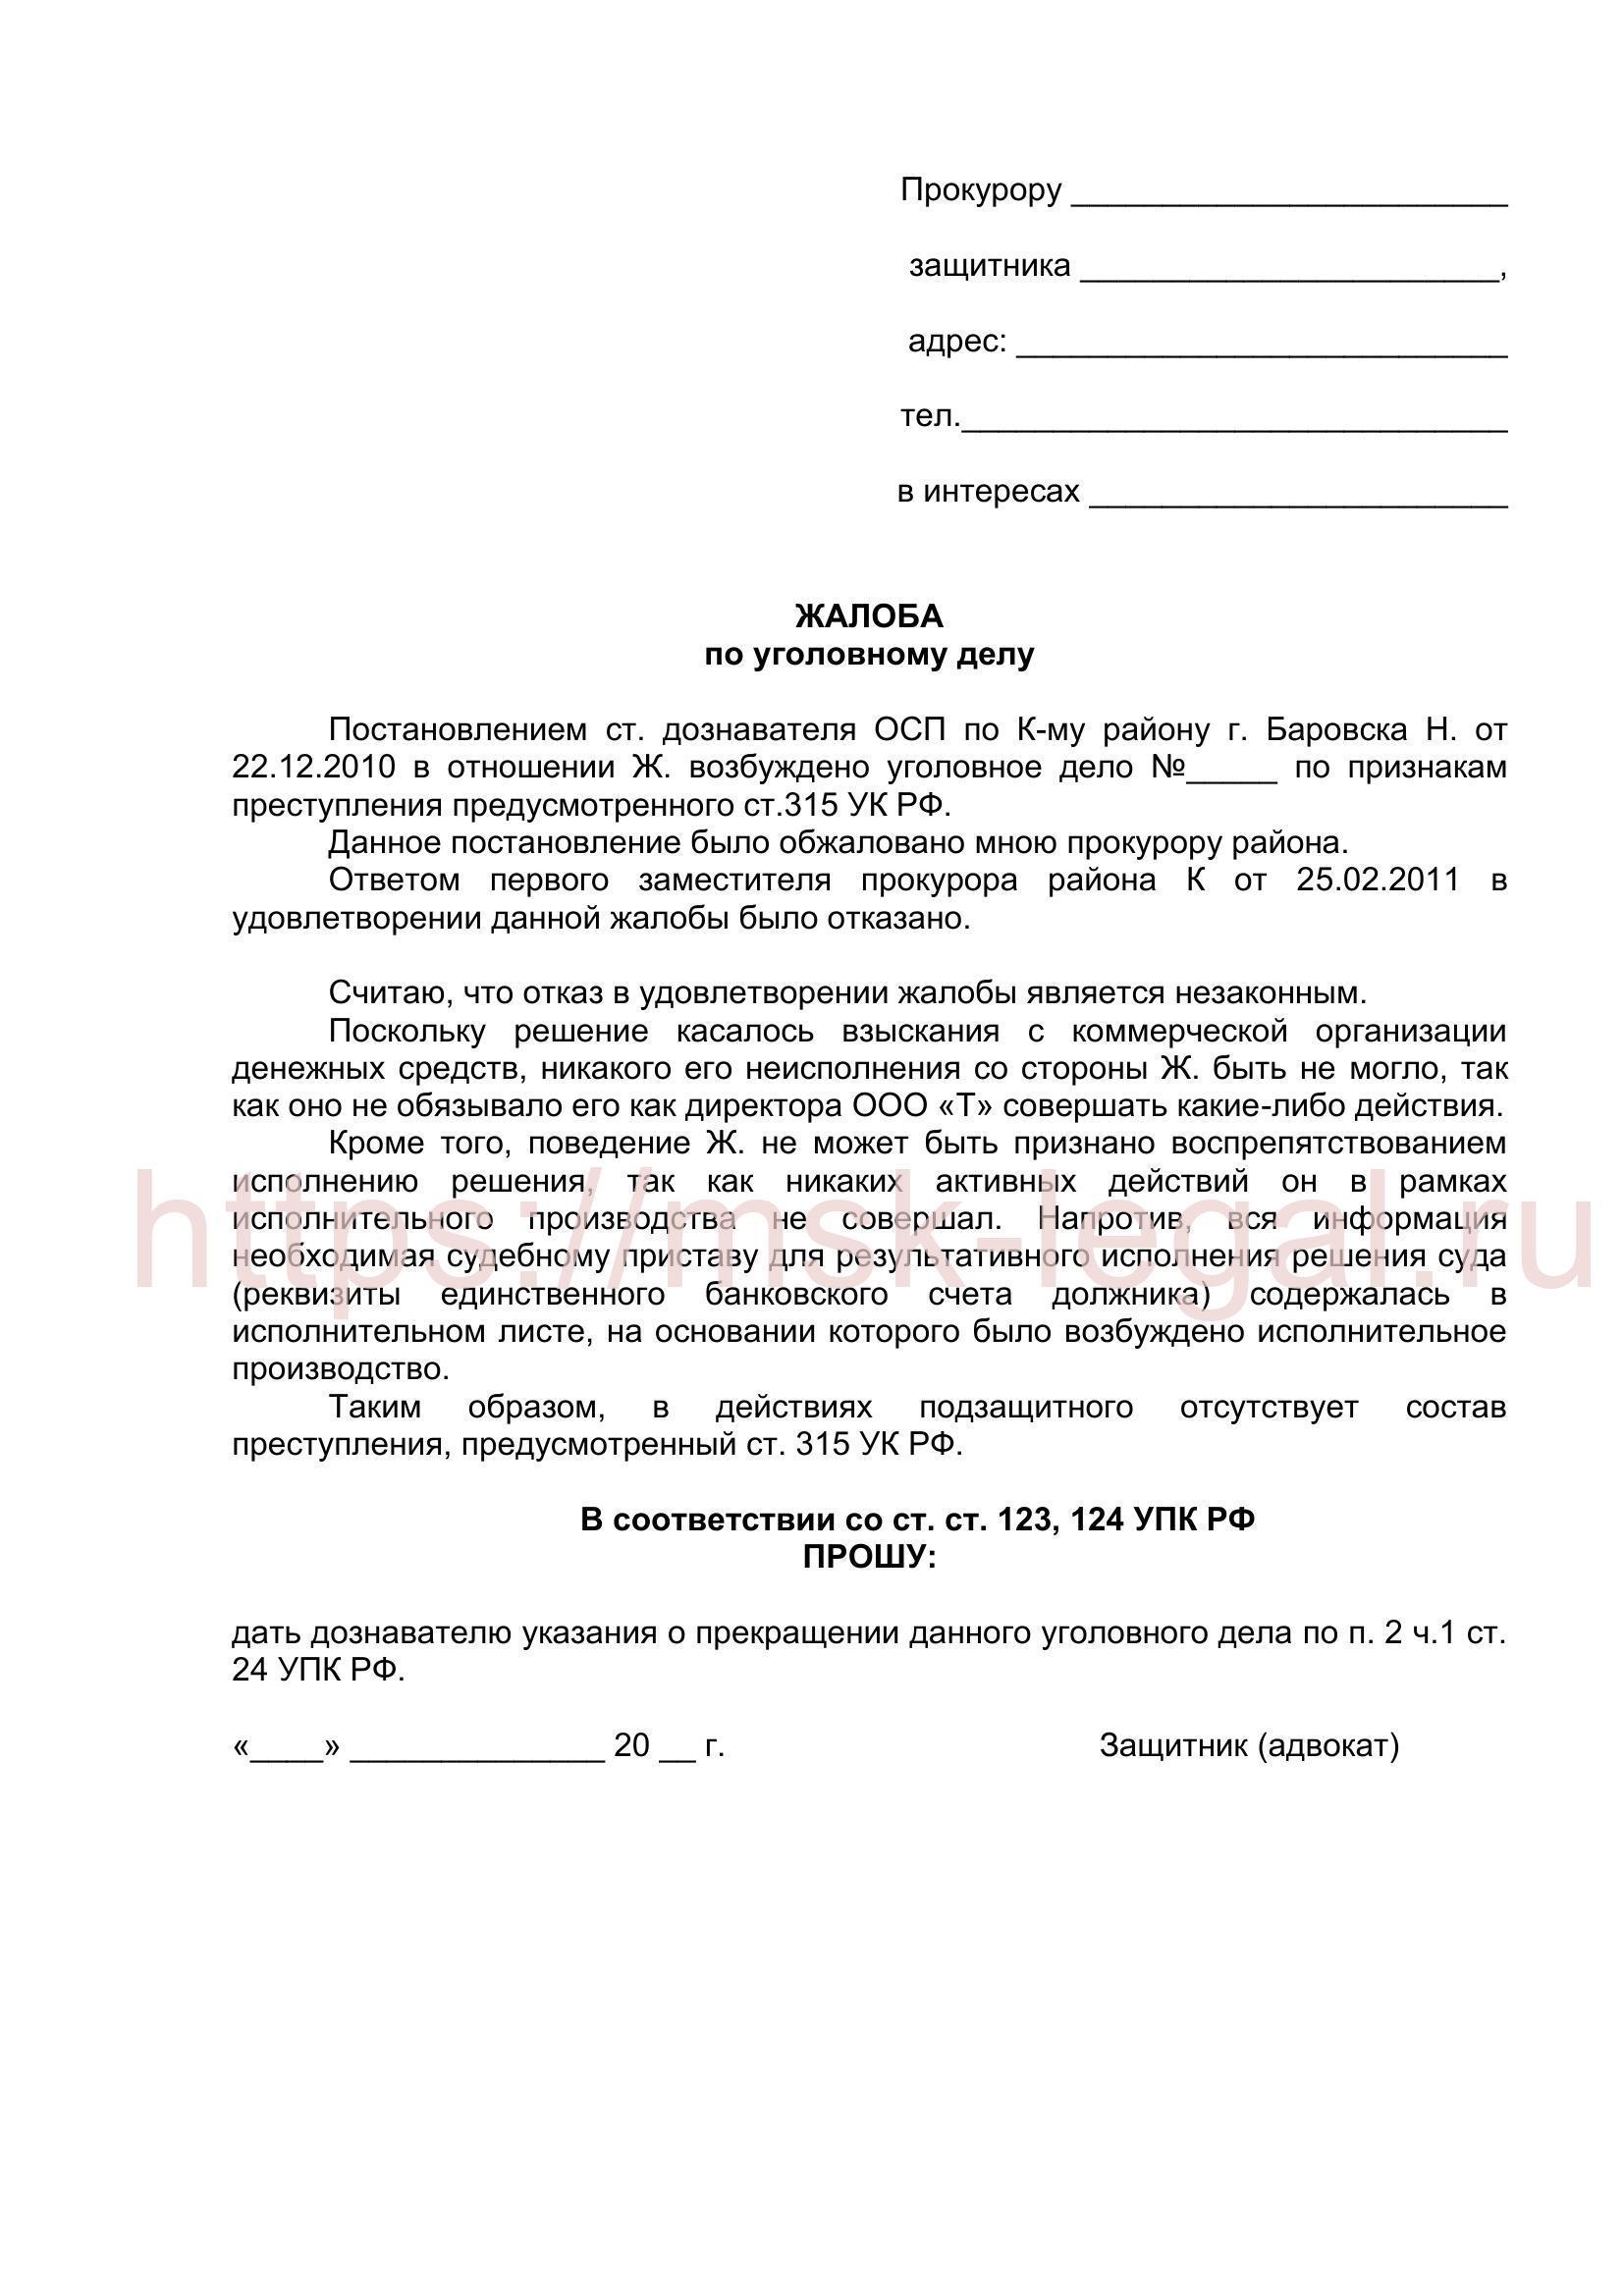 На постановление о возбуждении дела по ст. 315 УК РФ